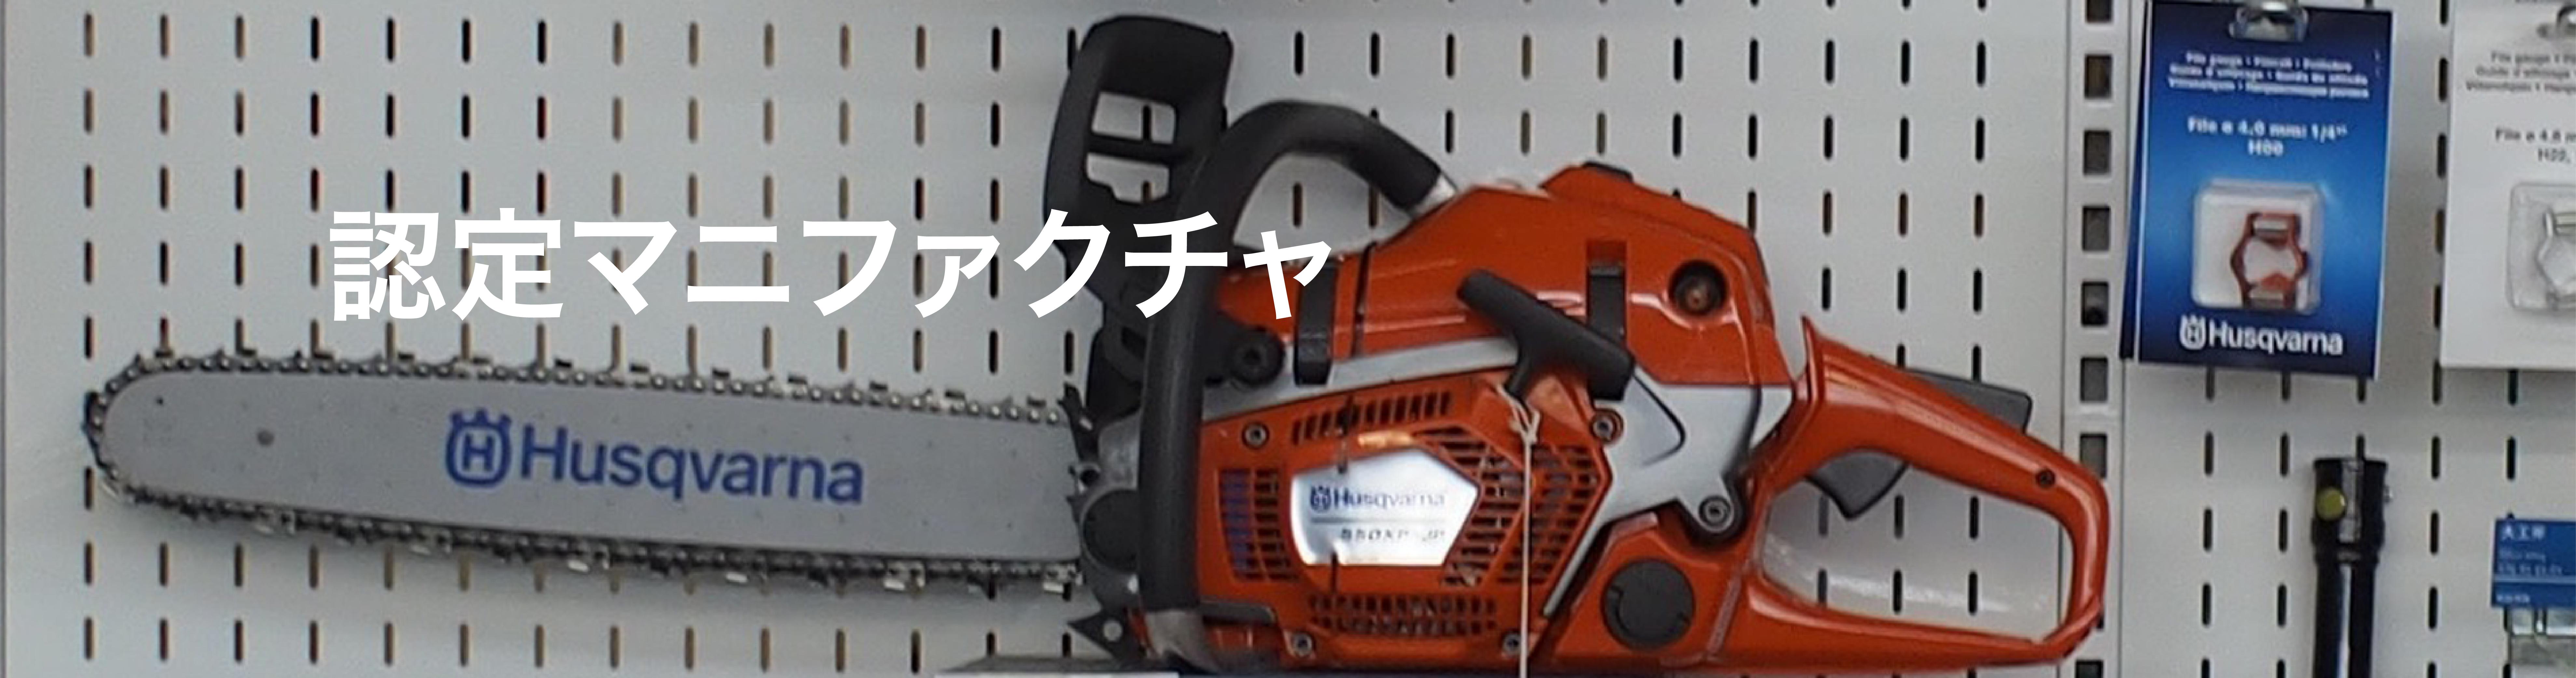 修理製品・認定メーカー